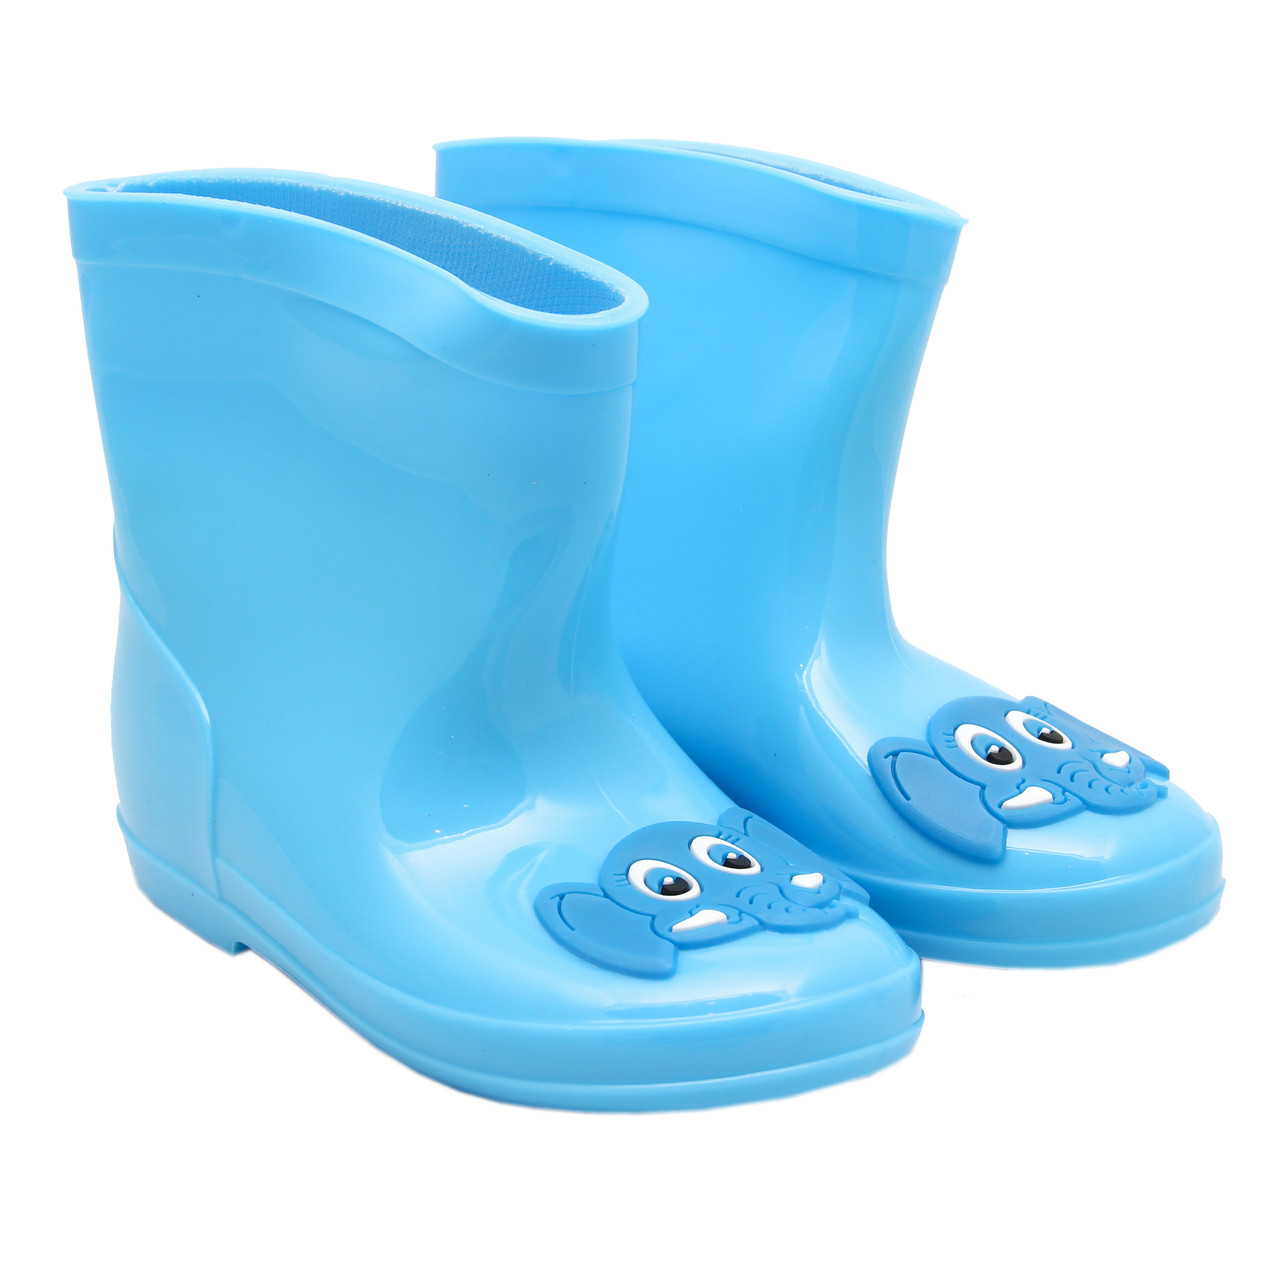 Резиновые сапоги детские, голубые, размер 25,5 (16 см) (513757-4)